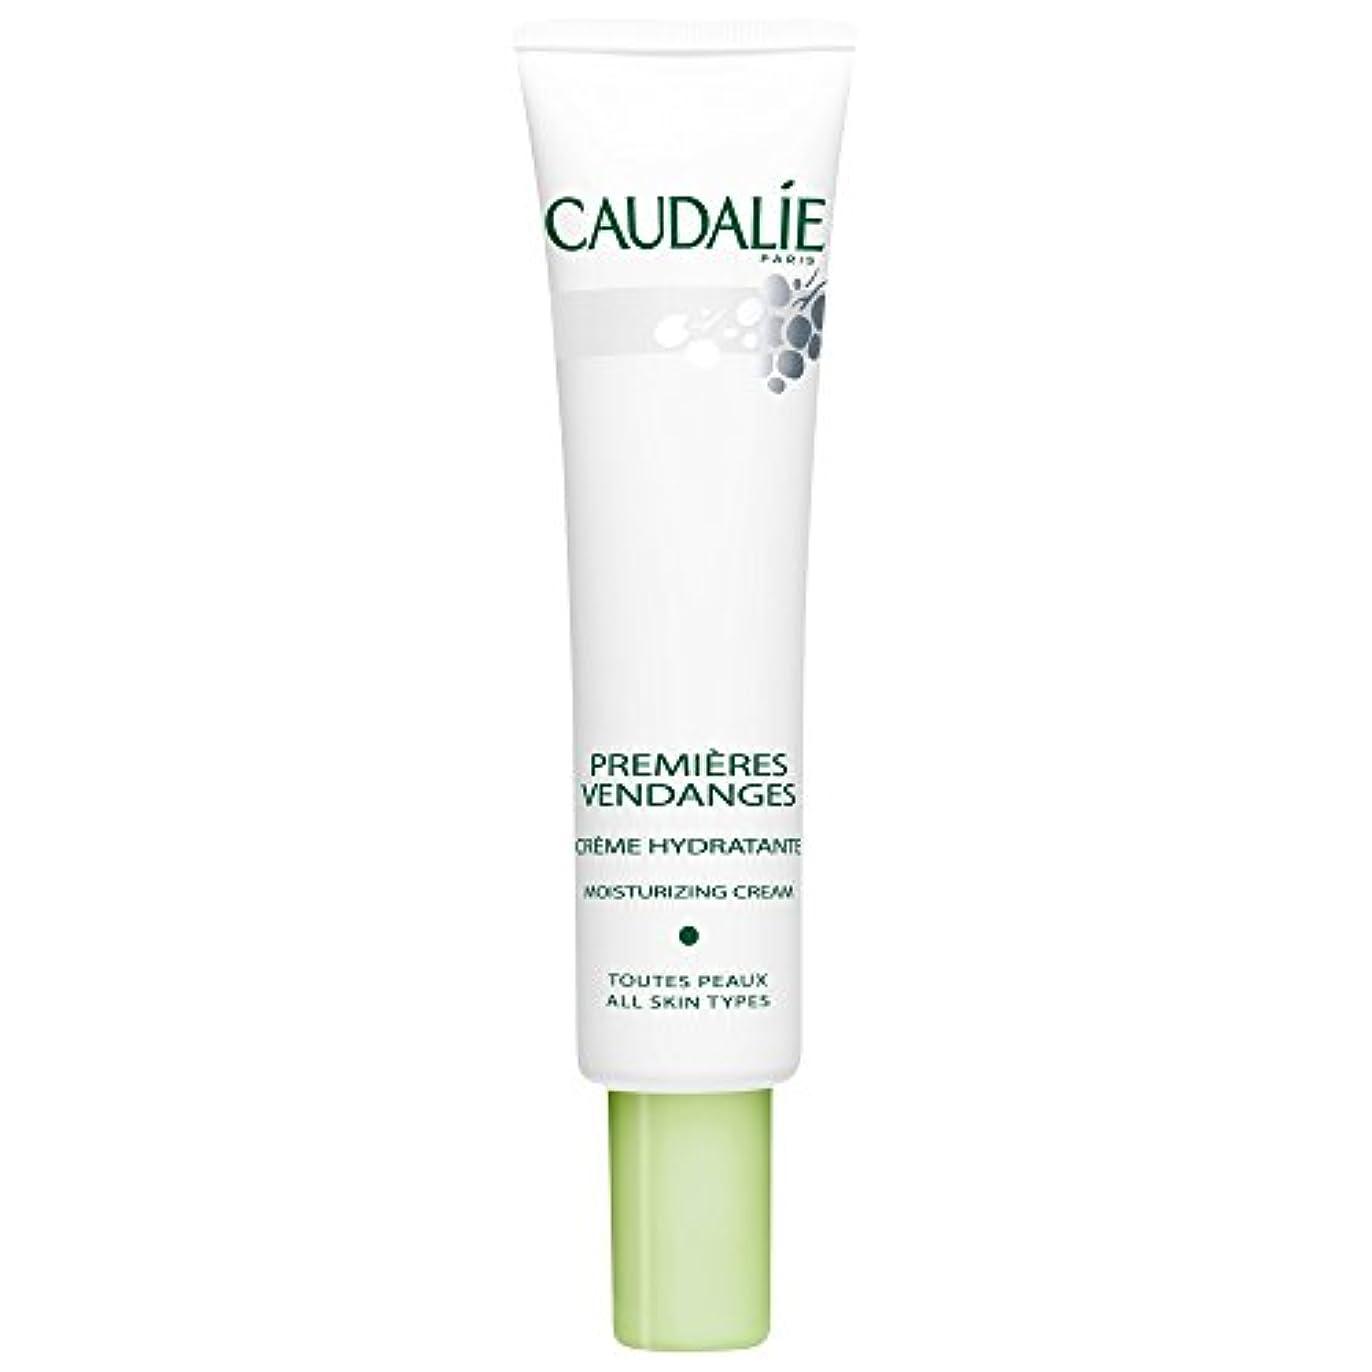 動かないカップルポータブルコーダリーはVendages保湿クリーム、40ミリリットルを初演します (Caudalie) (x2) - Caudalie Premieres Vendages Moisturising Cream, 40ml (Pack...